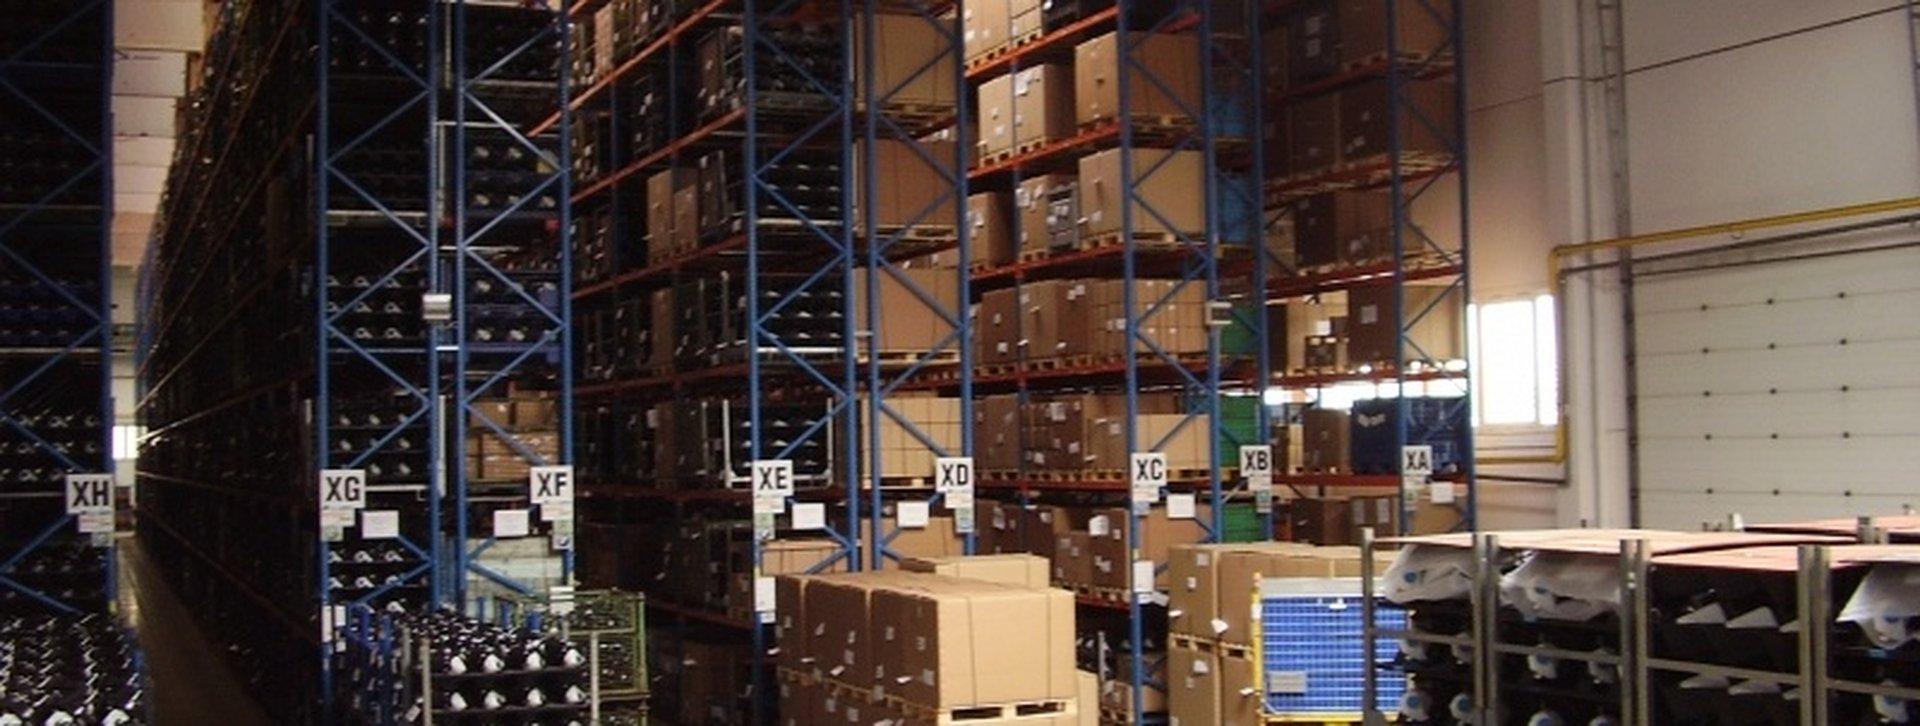 skladove-sluzby-4-043m2-logisticke-centrum-jicin-3485